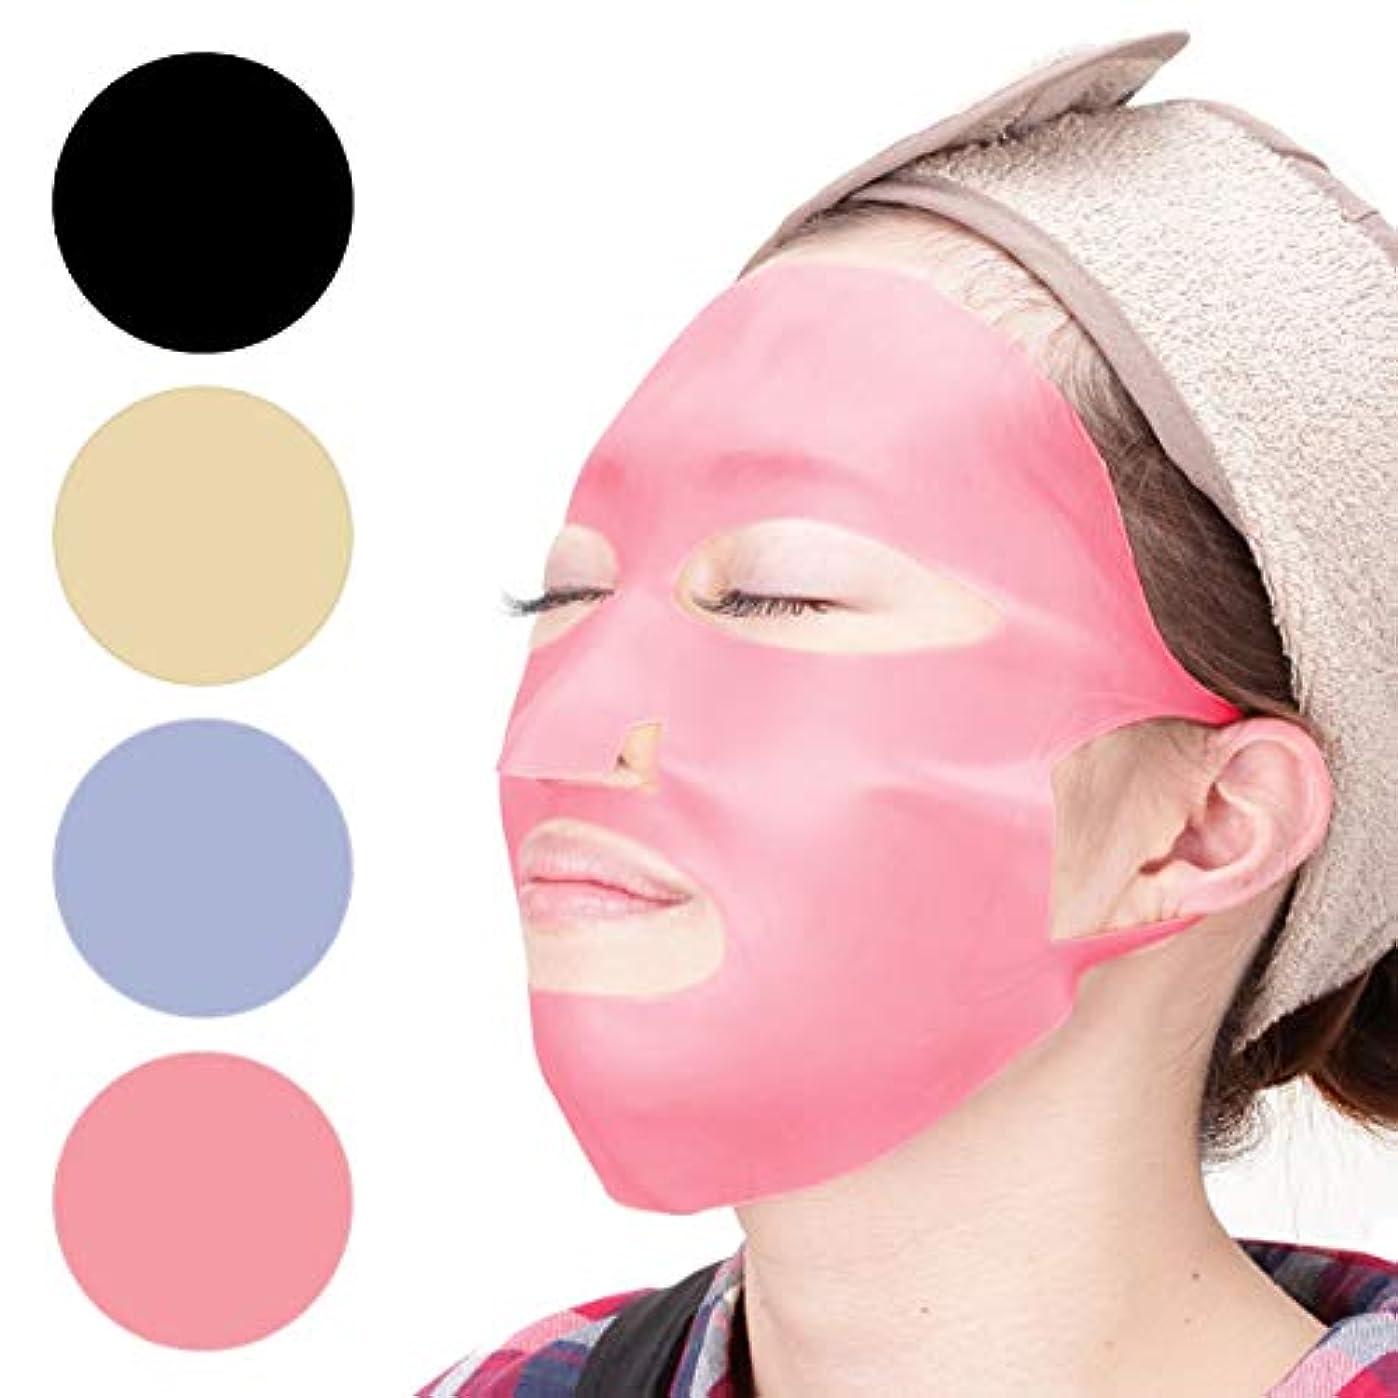 特別にそばにうまれた< プロズビ > シリコン ホールドマスク 全4色 ピンク [ シリコンマスク シートパック フェイスマスク フェイスシート フェイスパック フェイシャルマスク シートマスク フェイシャルシート フェイシャルパック 顔パック ]